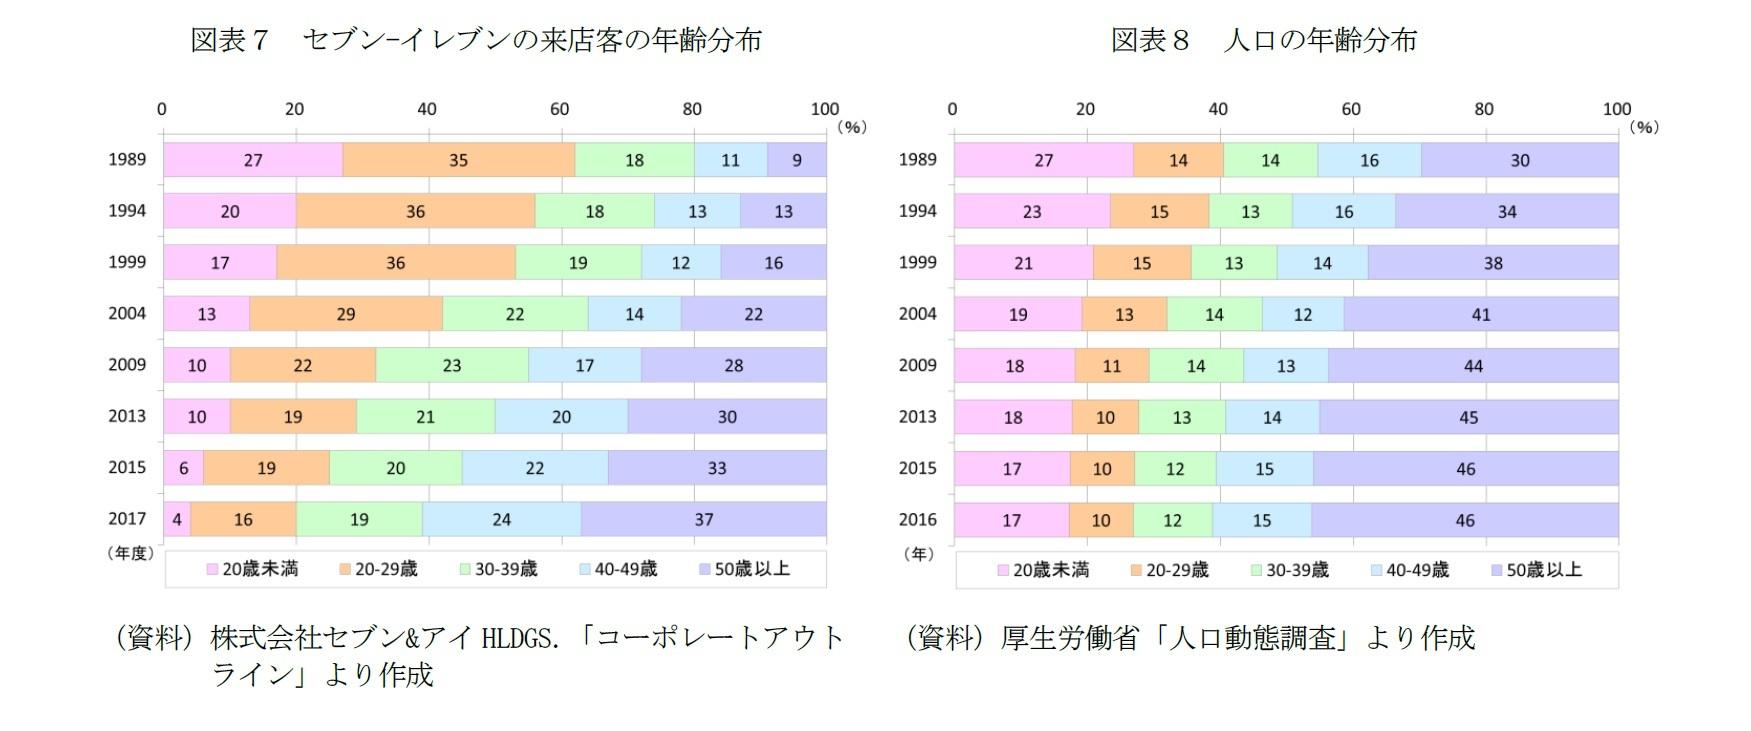 図表7 セブン-イレブンの来店客の年齢分布/図表8 人口の年齢分布